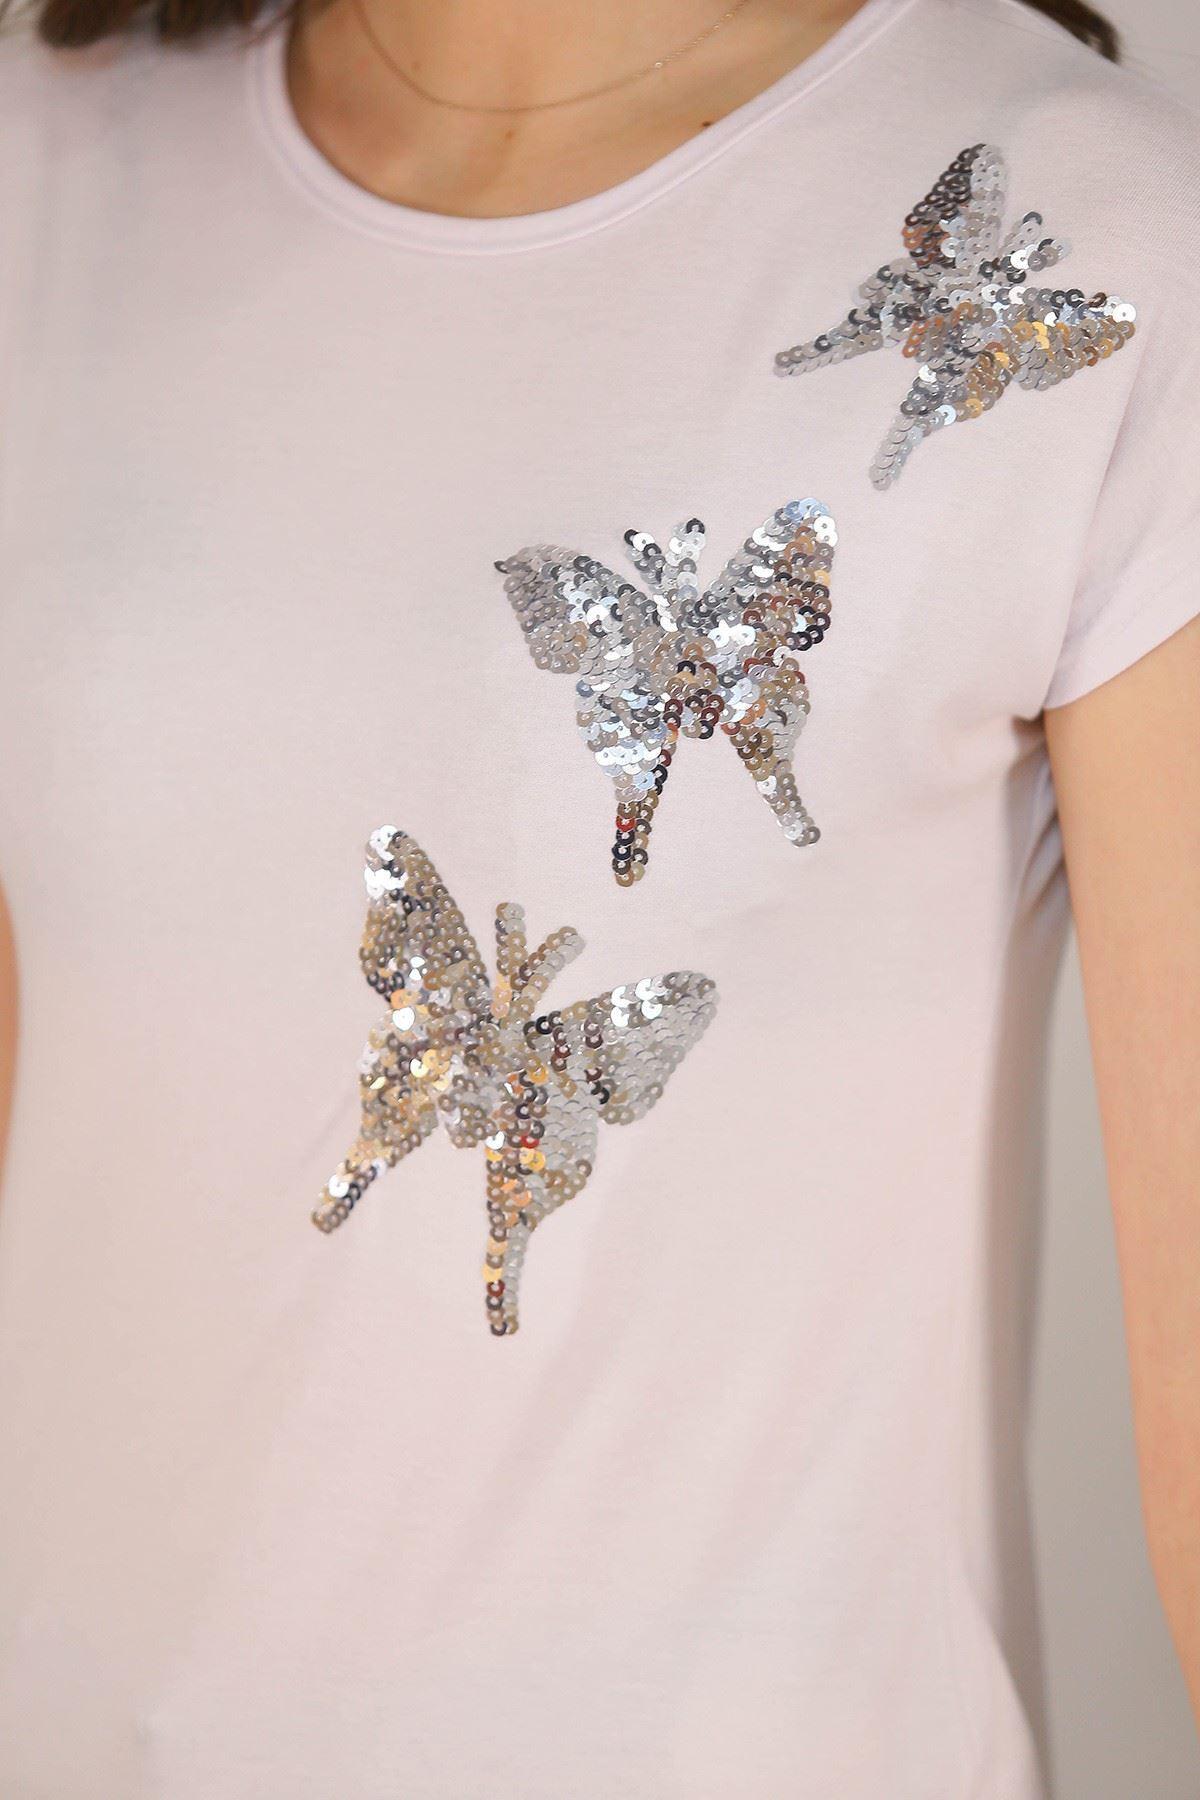 Pullu Kelebek Tişört Beyaz - 5032.139.